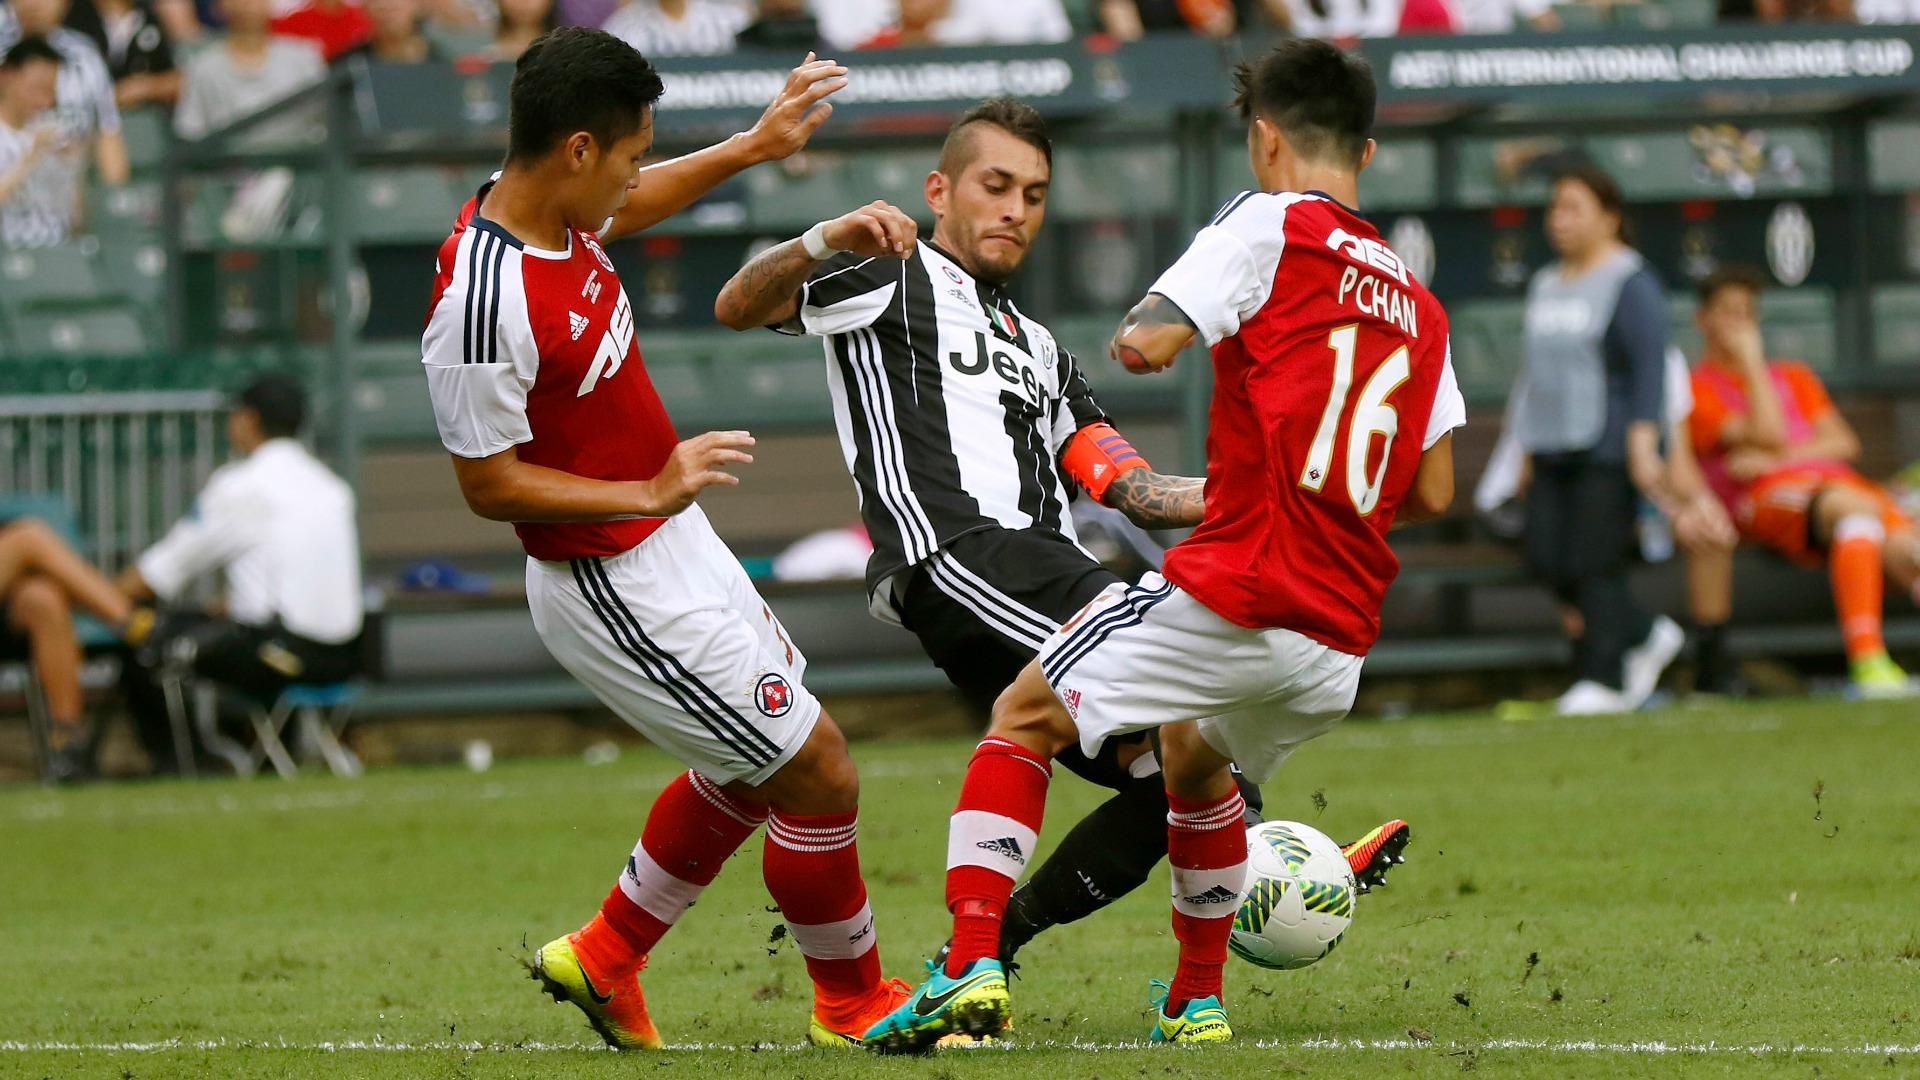 Calciomercato Juve: Pereyra al Watford, Marotta scarica Brozovic